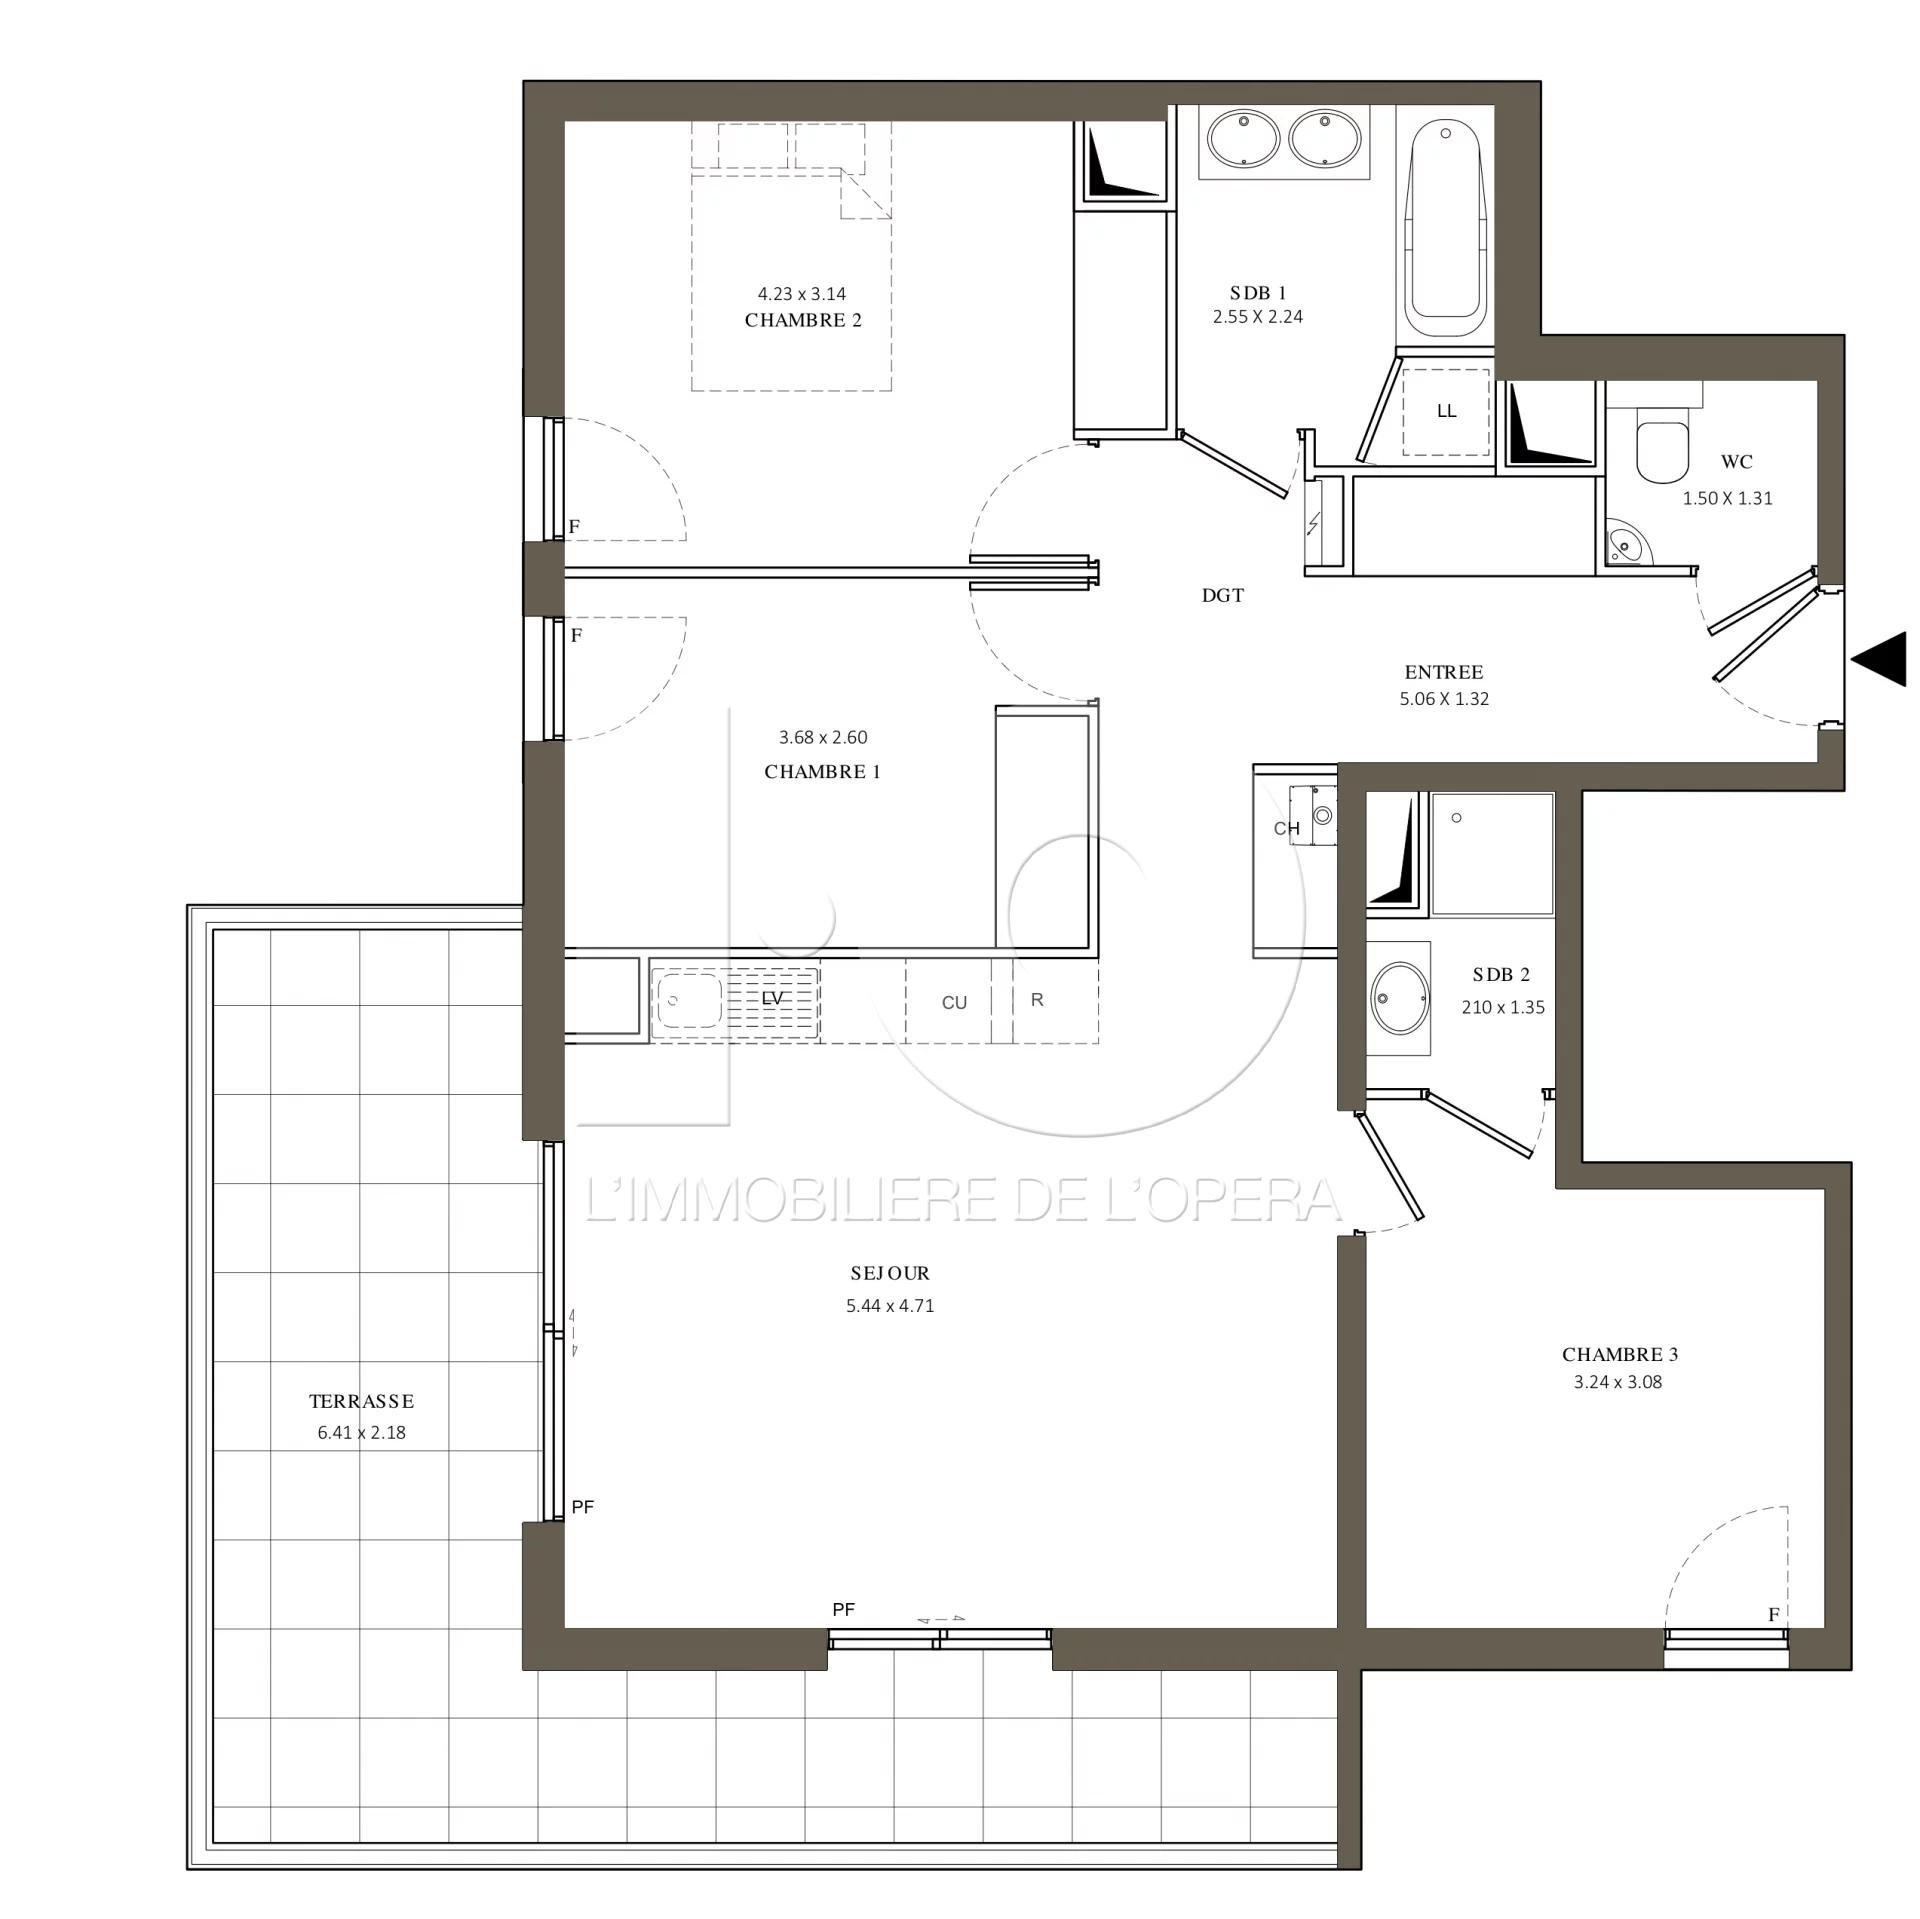 06110 LE CANNET - Appartement 4 pièces de 79 m2, Terrasse 21m2